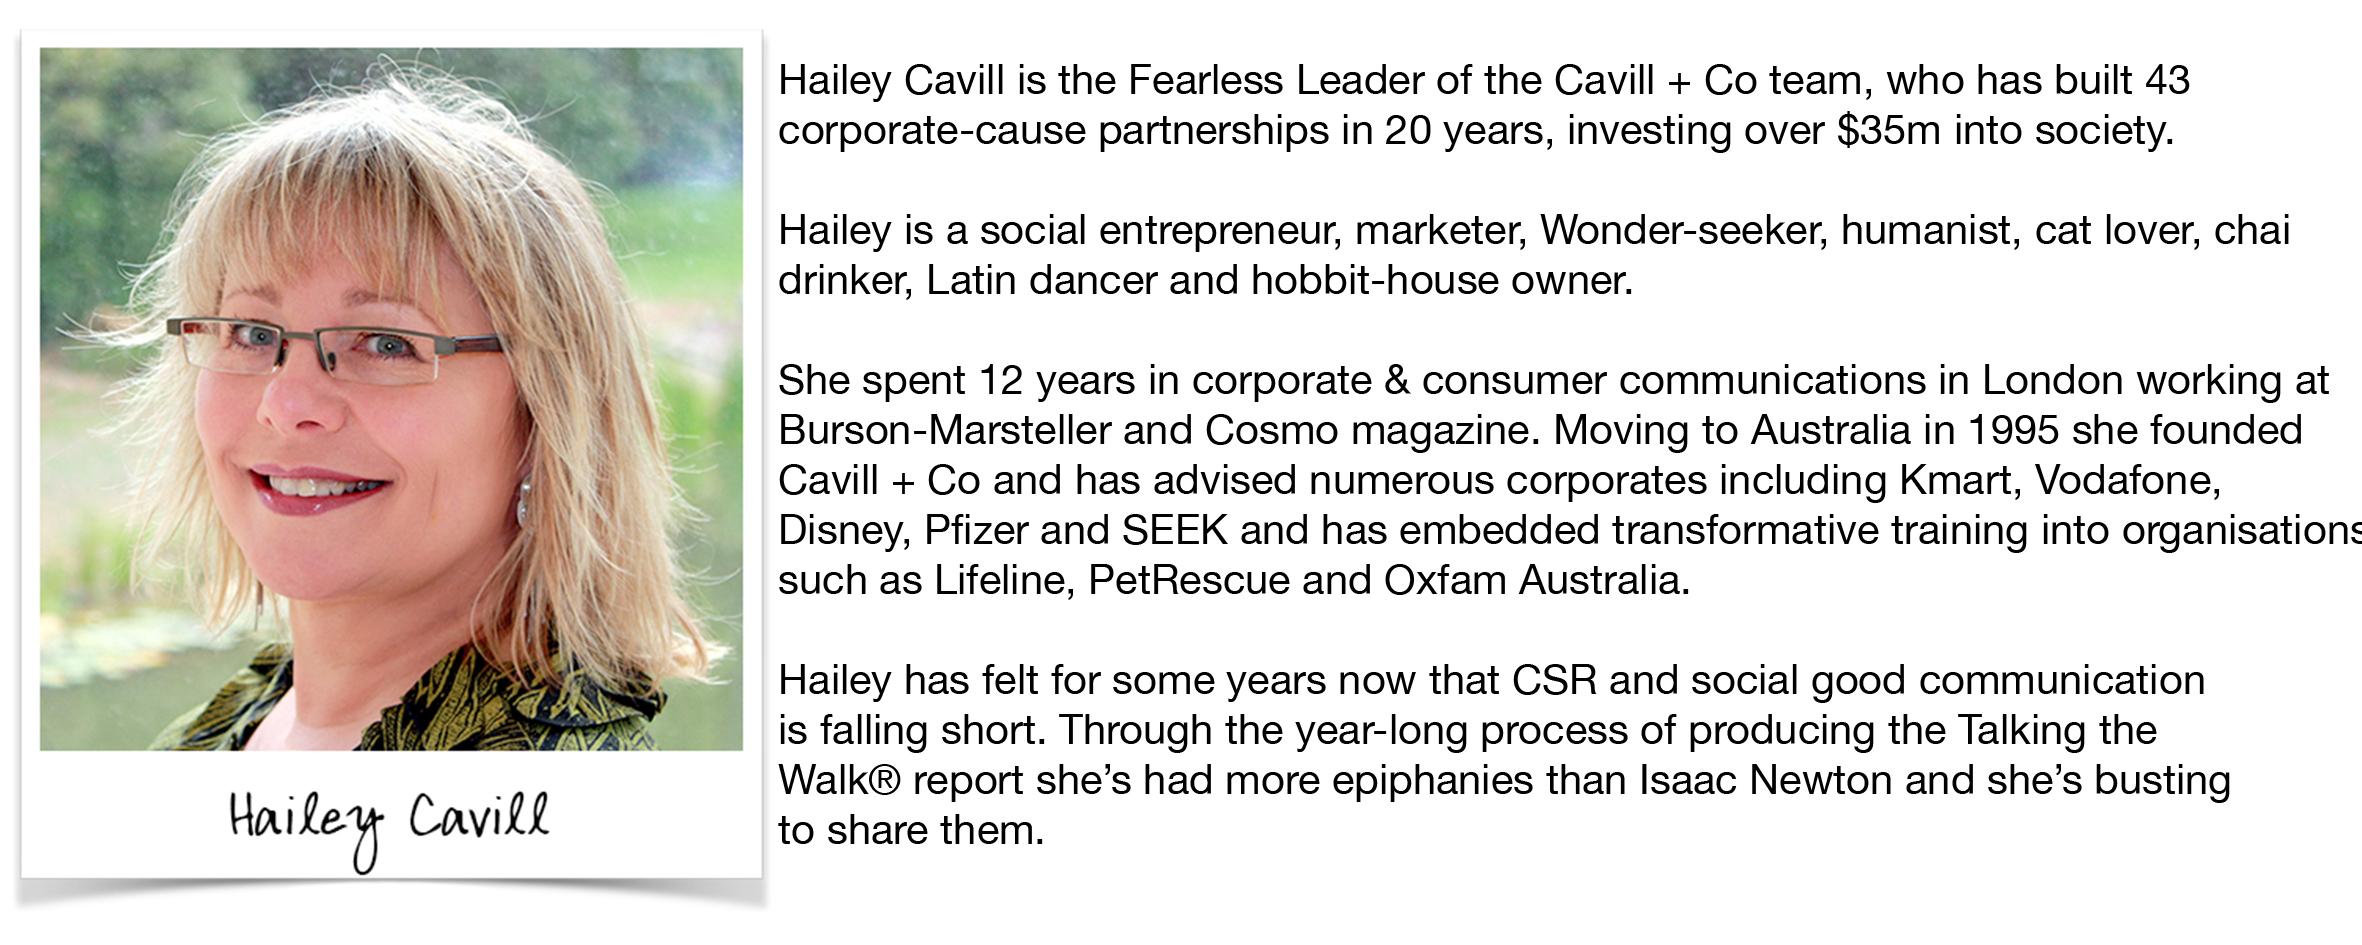 Hailey Cavill